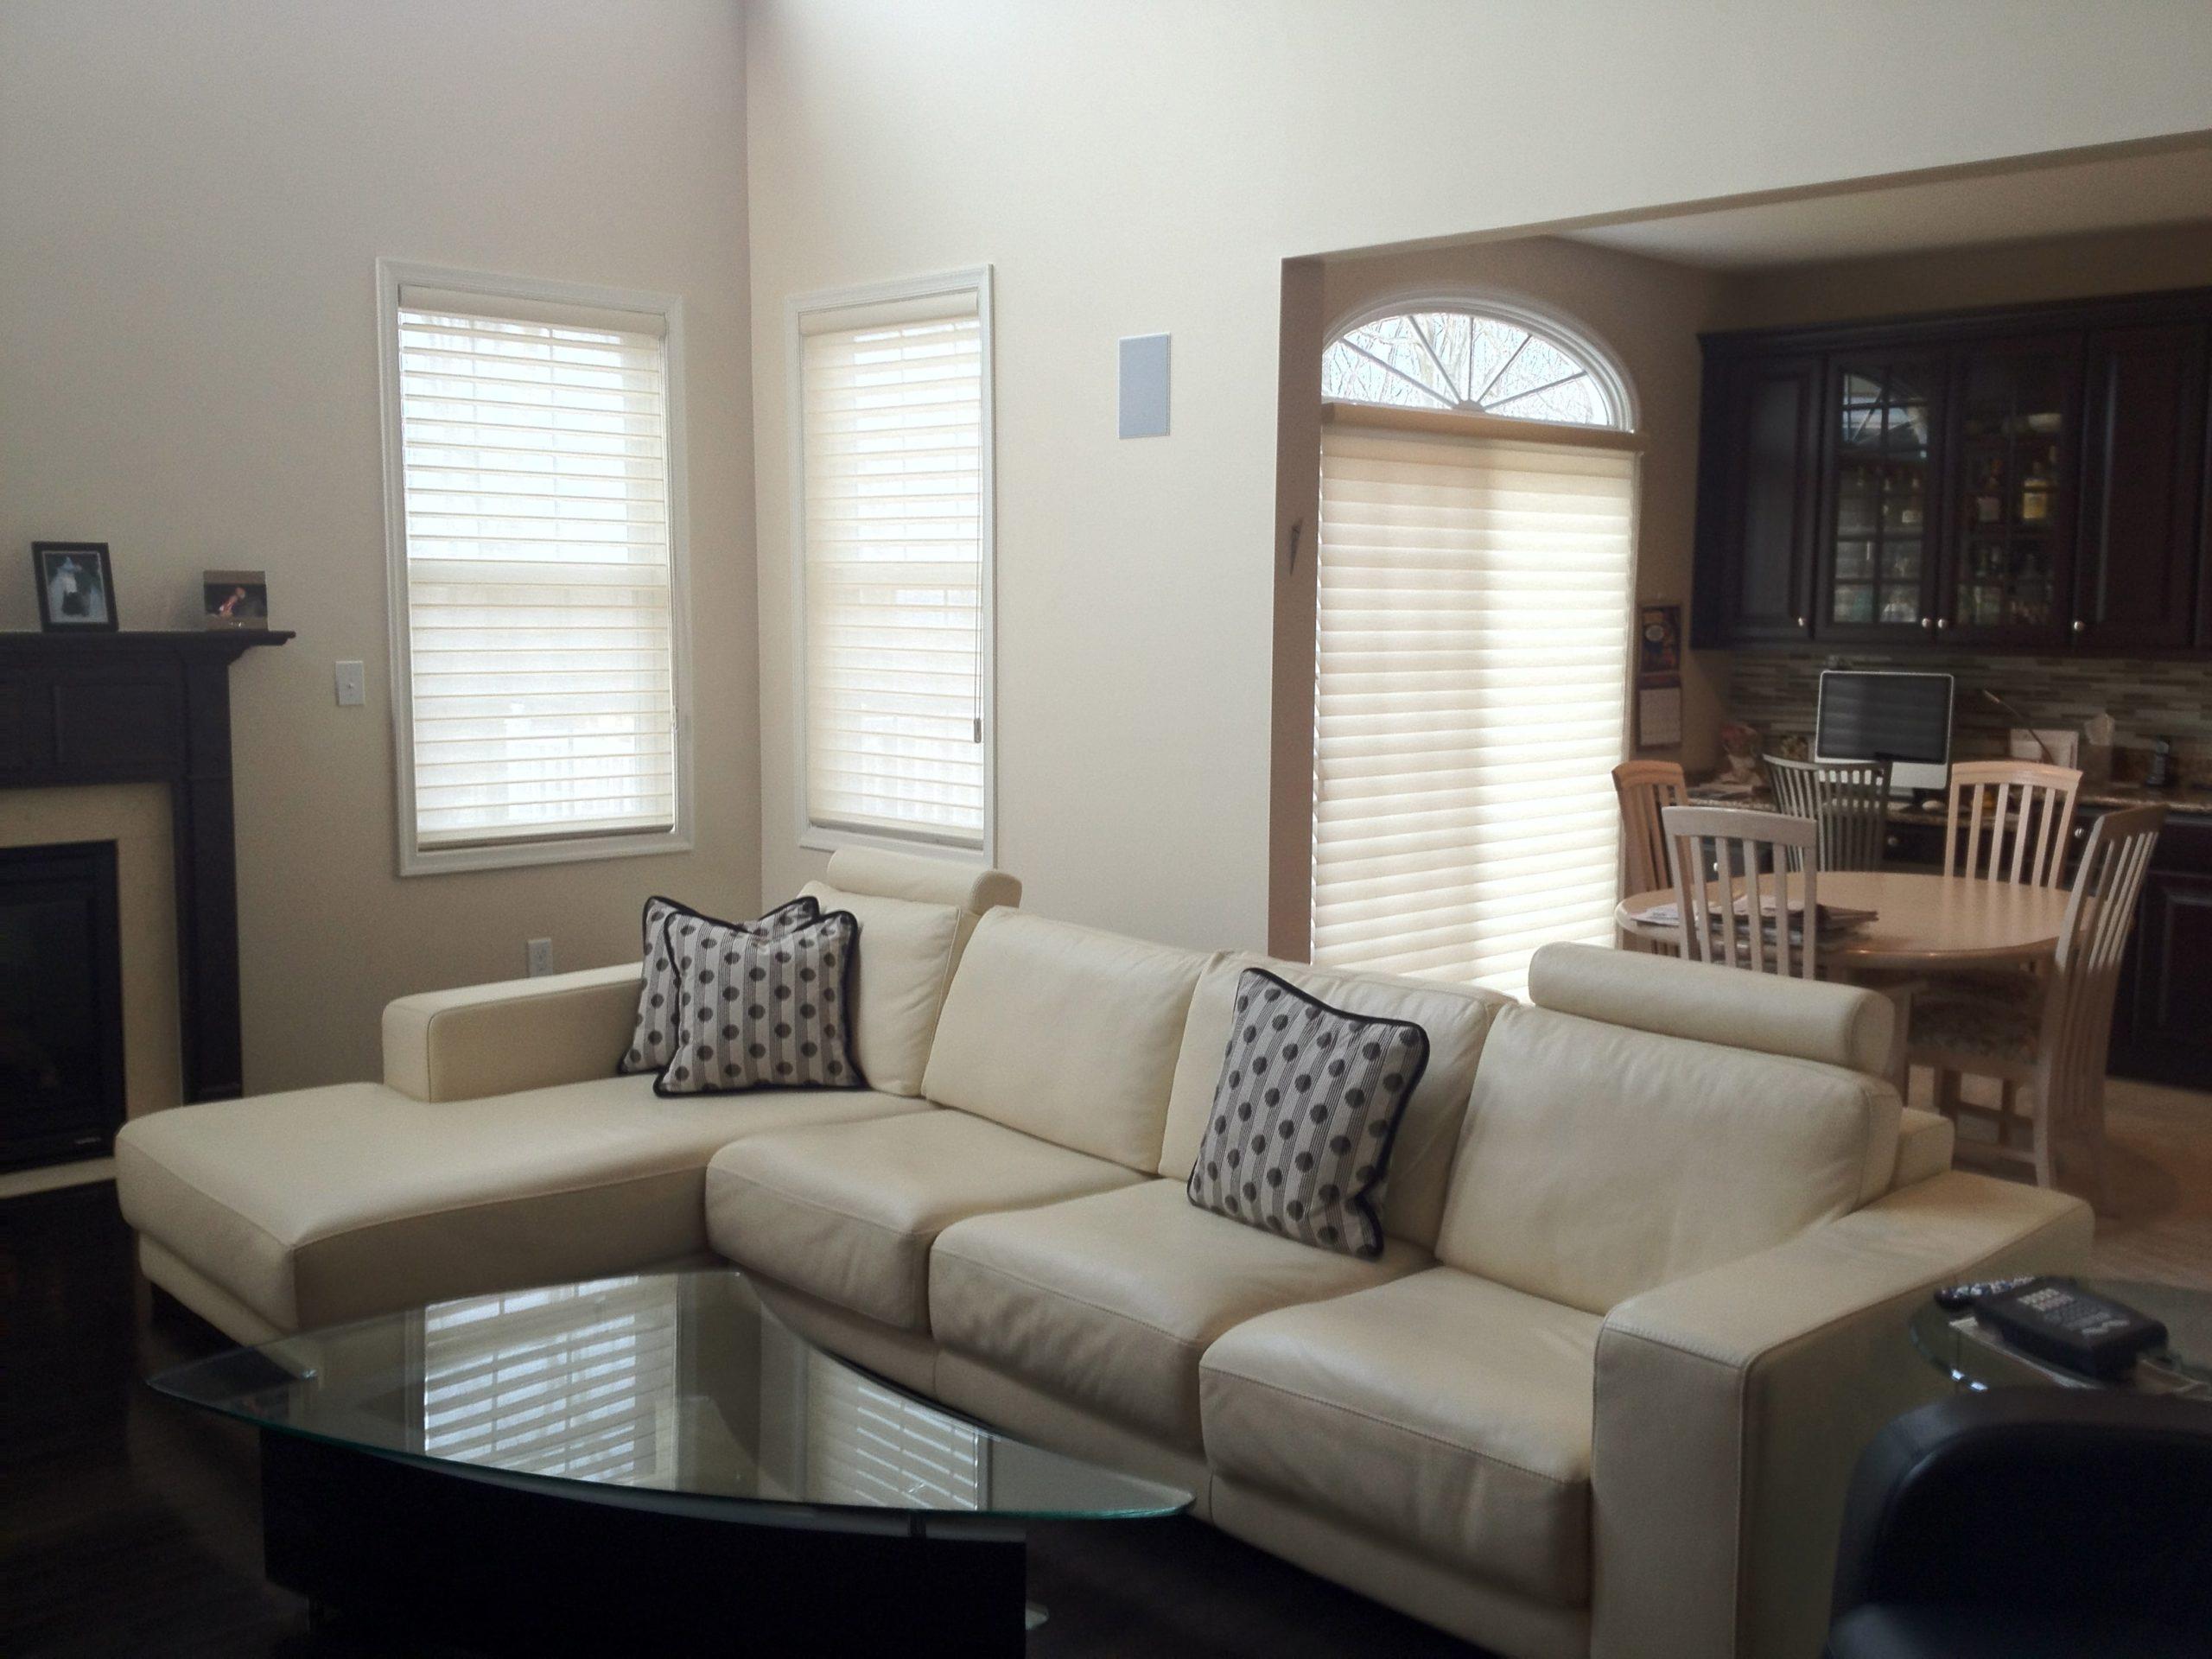 Silhouettes installed in Family Room - Short Hills, NJ - Breslow Home Design Center